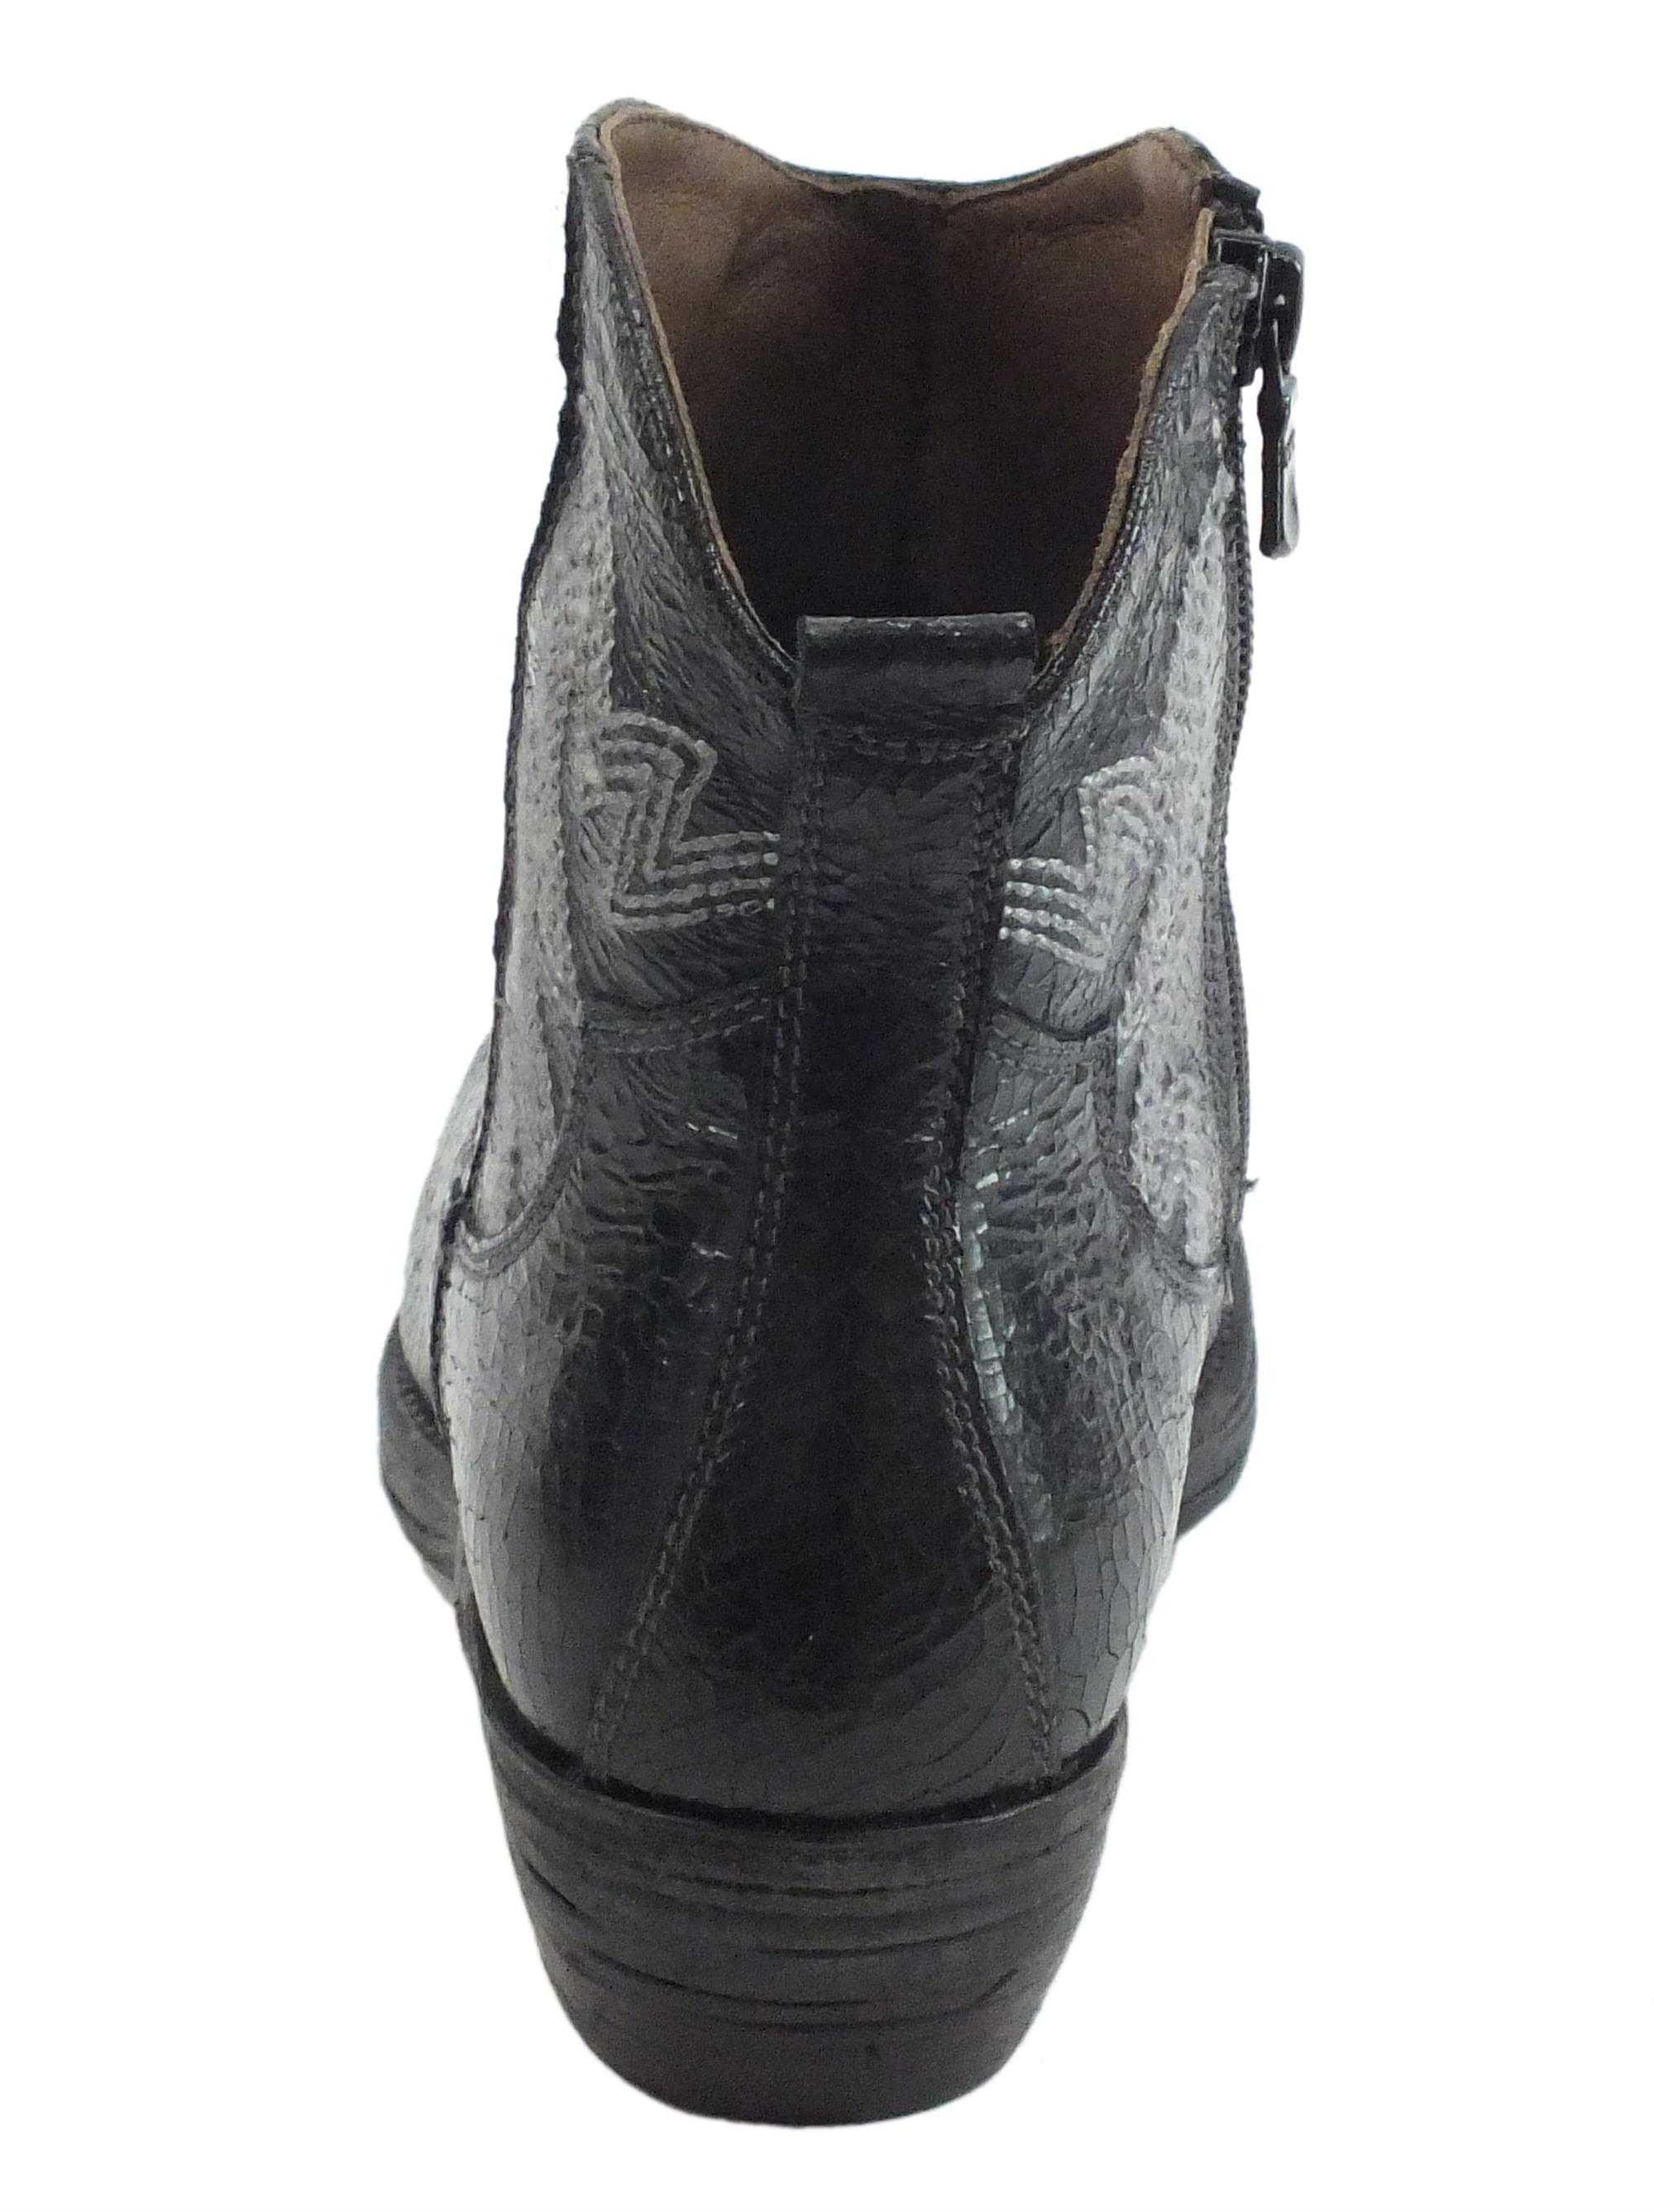 NeroGiardini A908770D Crack Nero Stivali Texani Donna in pelle stropicciata con lampo